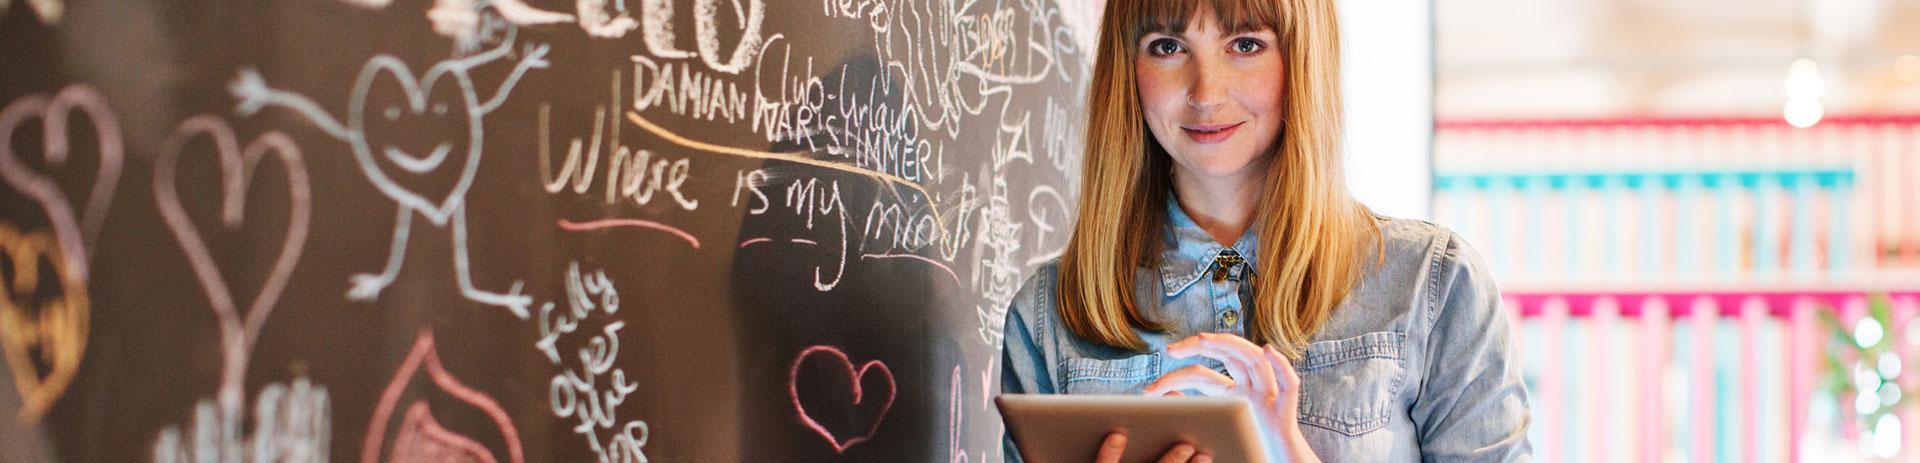 Frau beschaeftigt sich mit Tablet. Sie hat ein Unternehmen gegruendet und hat mit den guenstigen Angeboten von A1 rund um SaaS, Internet und Mobiltelefonie alles was sie braucht aus einer Hand. Ihr Start-up ist ein voller Erfolg.